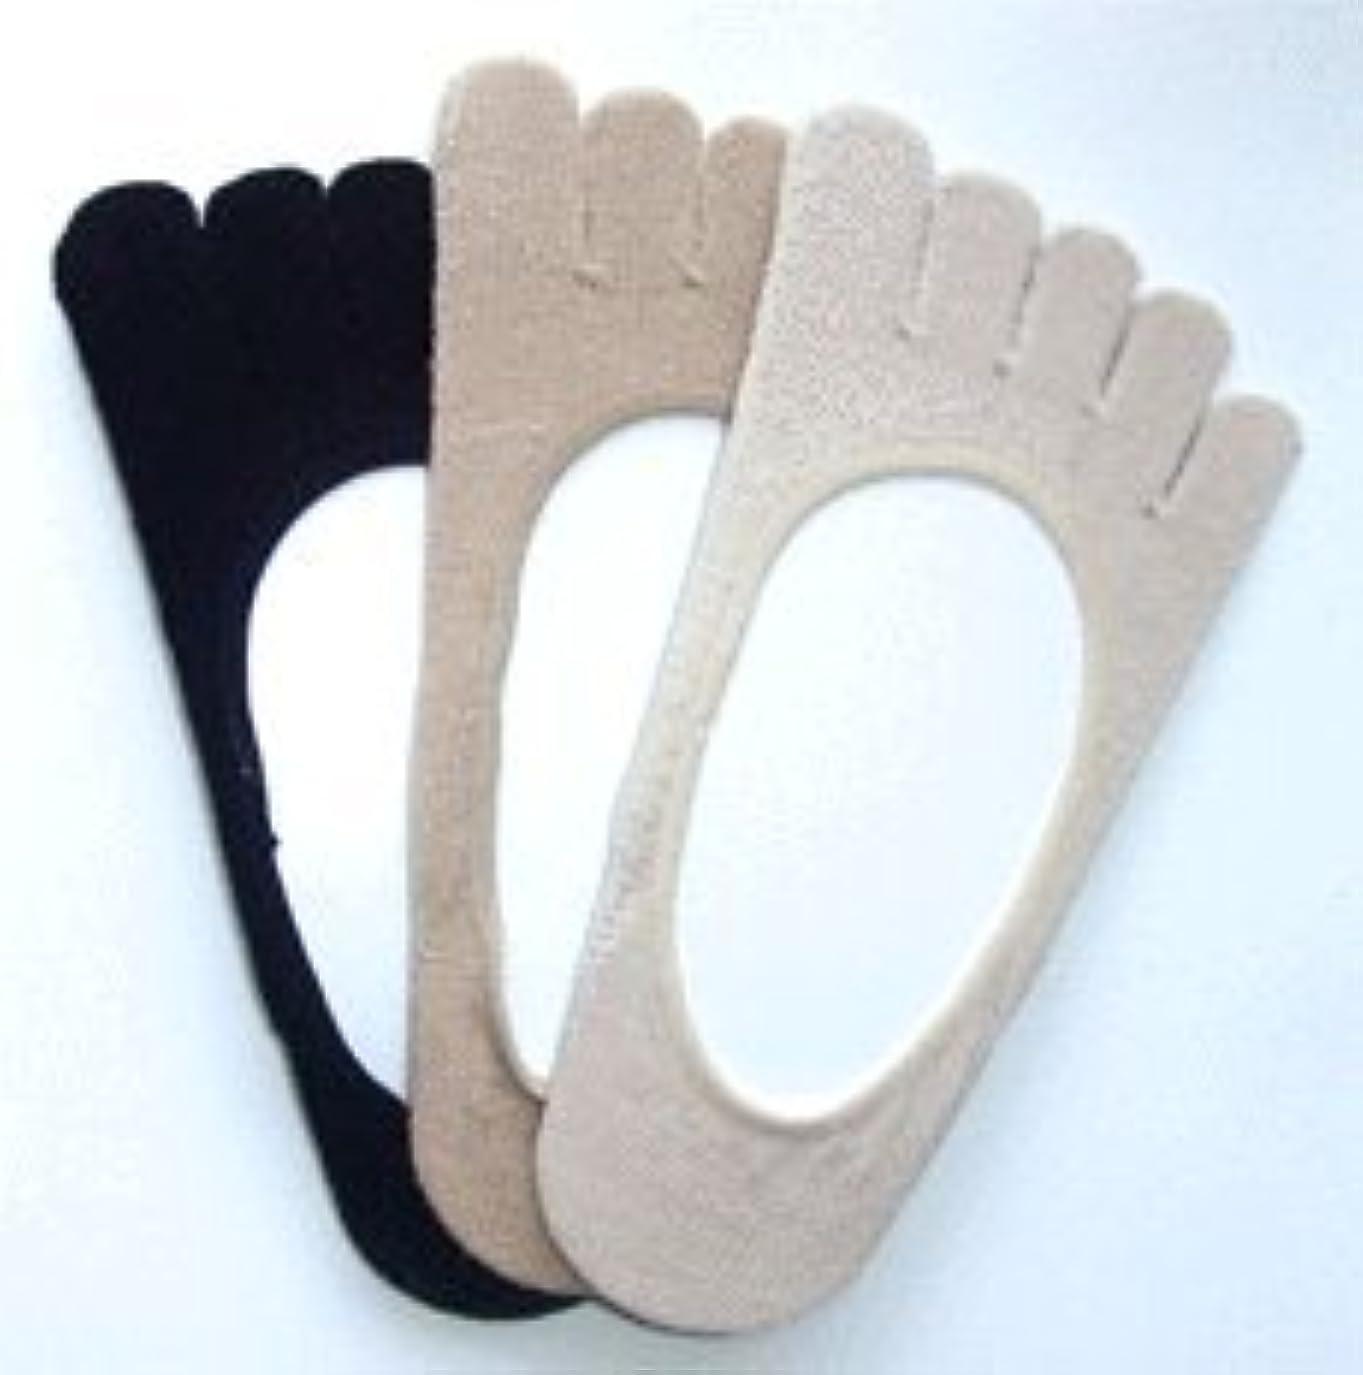 ベイビーはちみつ伝染病日本製 シルク五本指 フットカバー パンプスインソックス 3足組(ベージュ系2足、黒色1足)